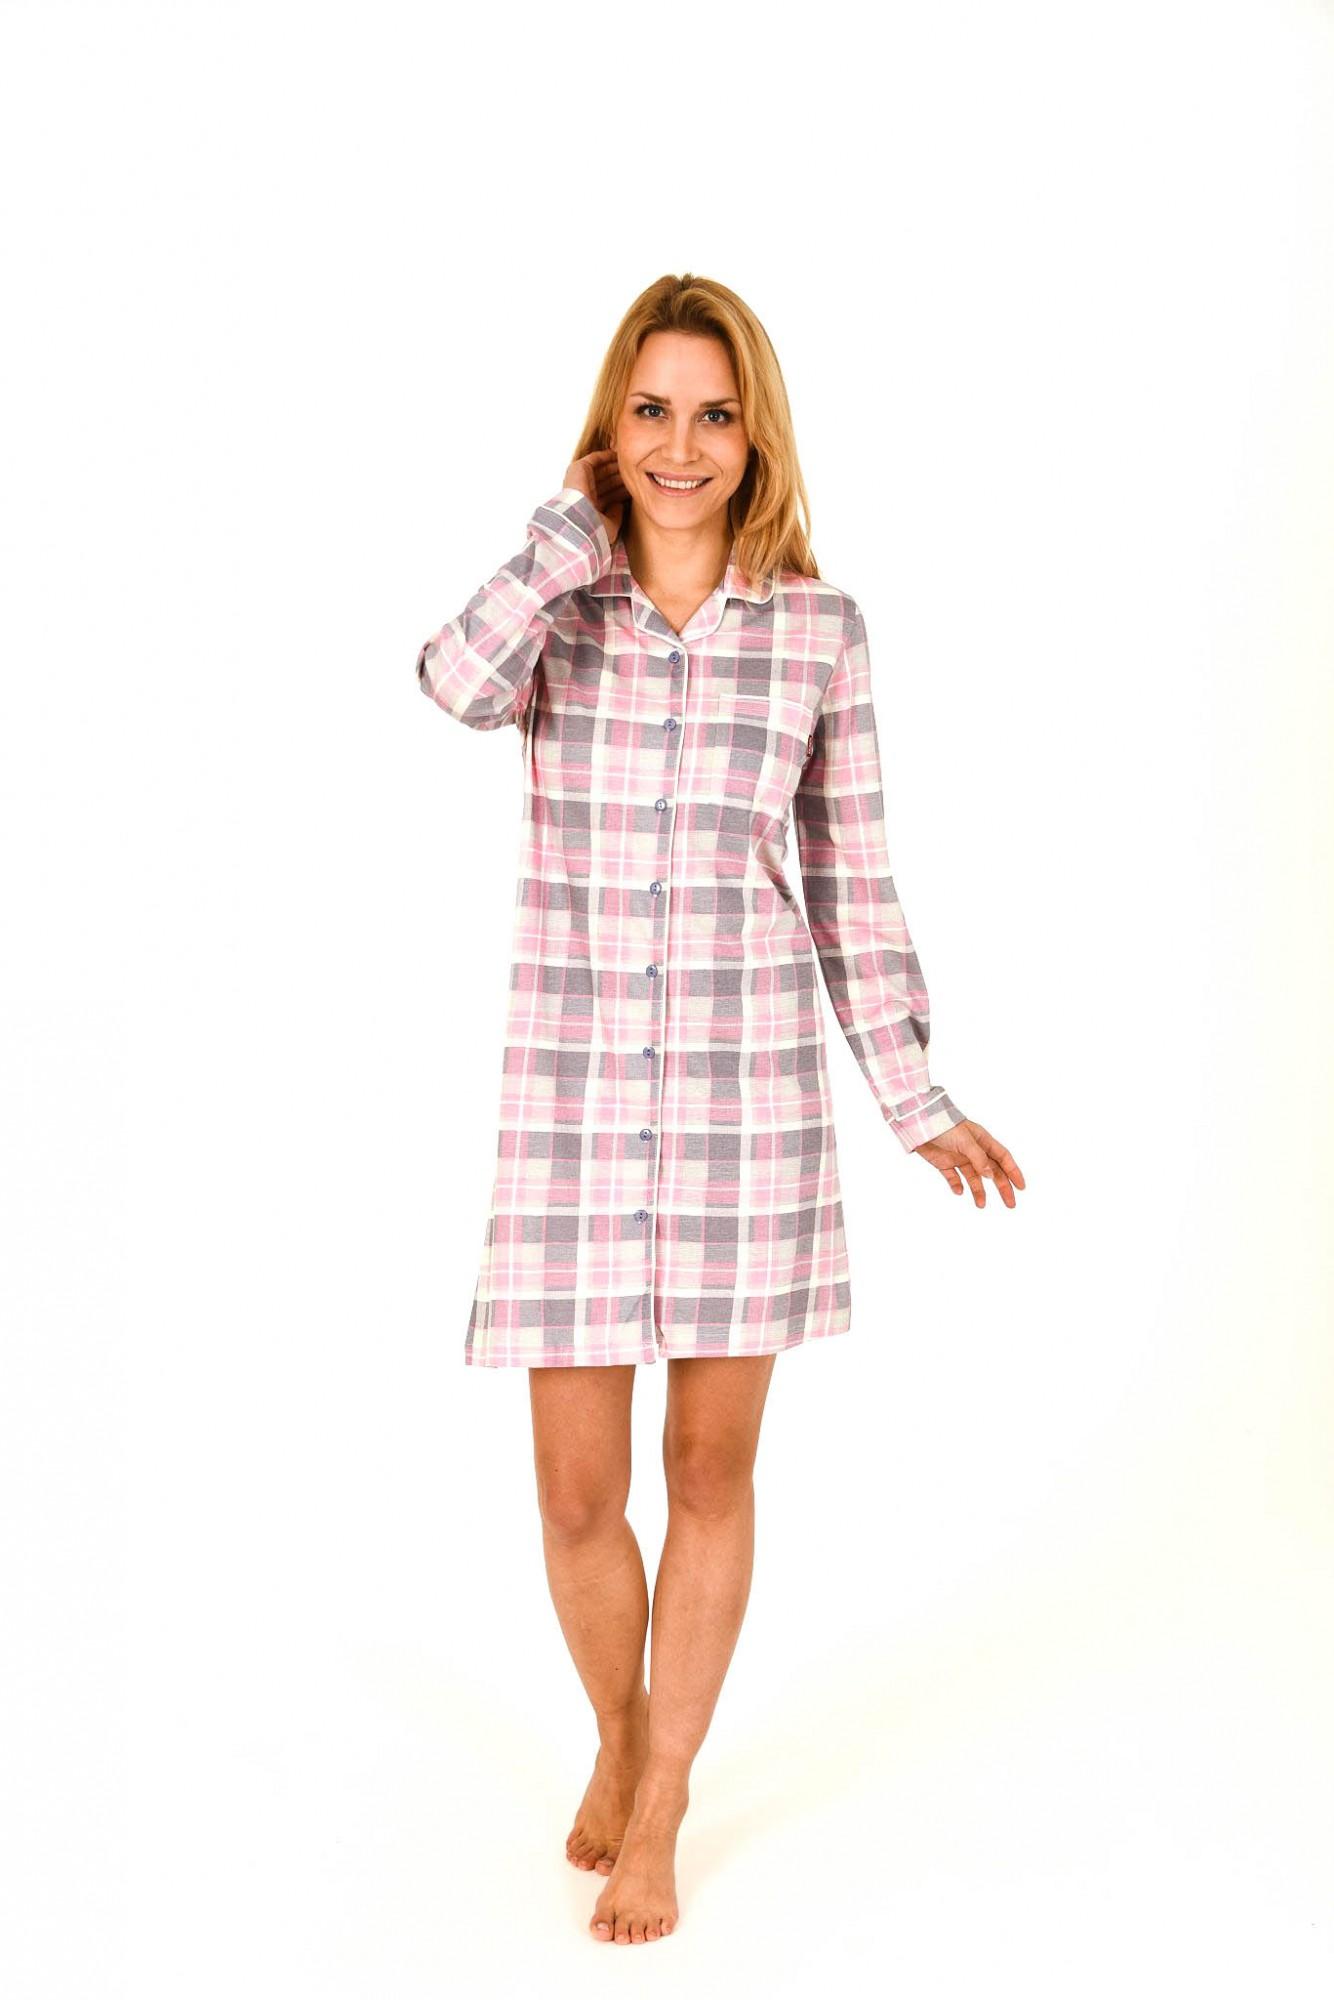 Damen Nachthemd im Karodesign zum durchknöpfen – 261 213 90 242